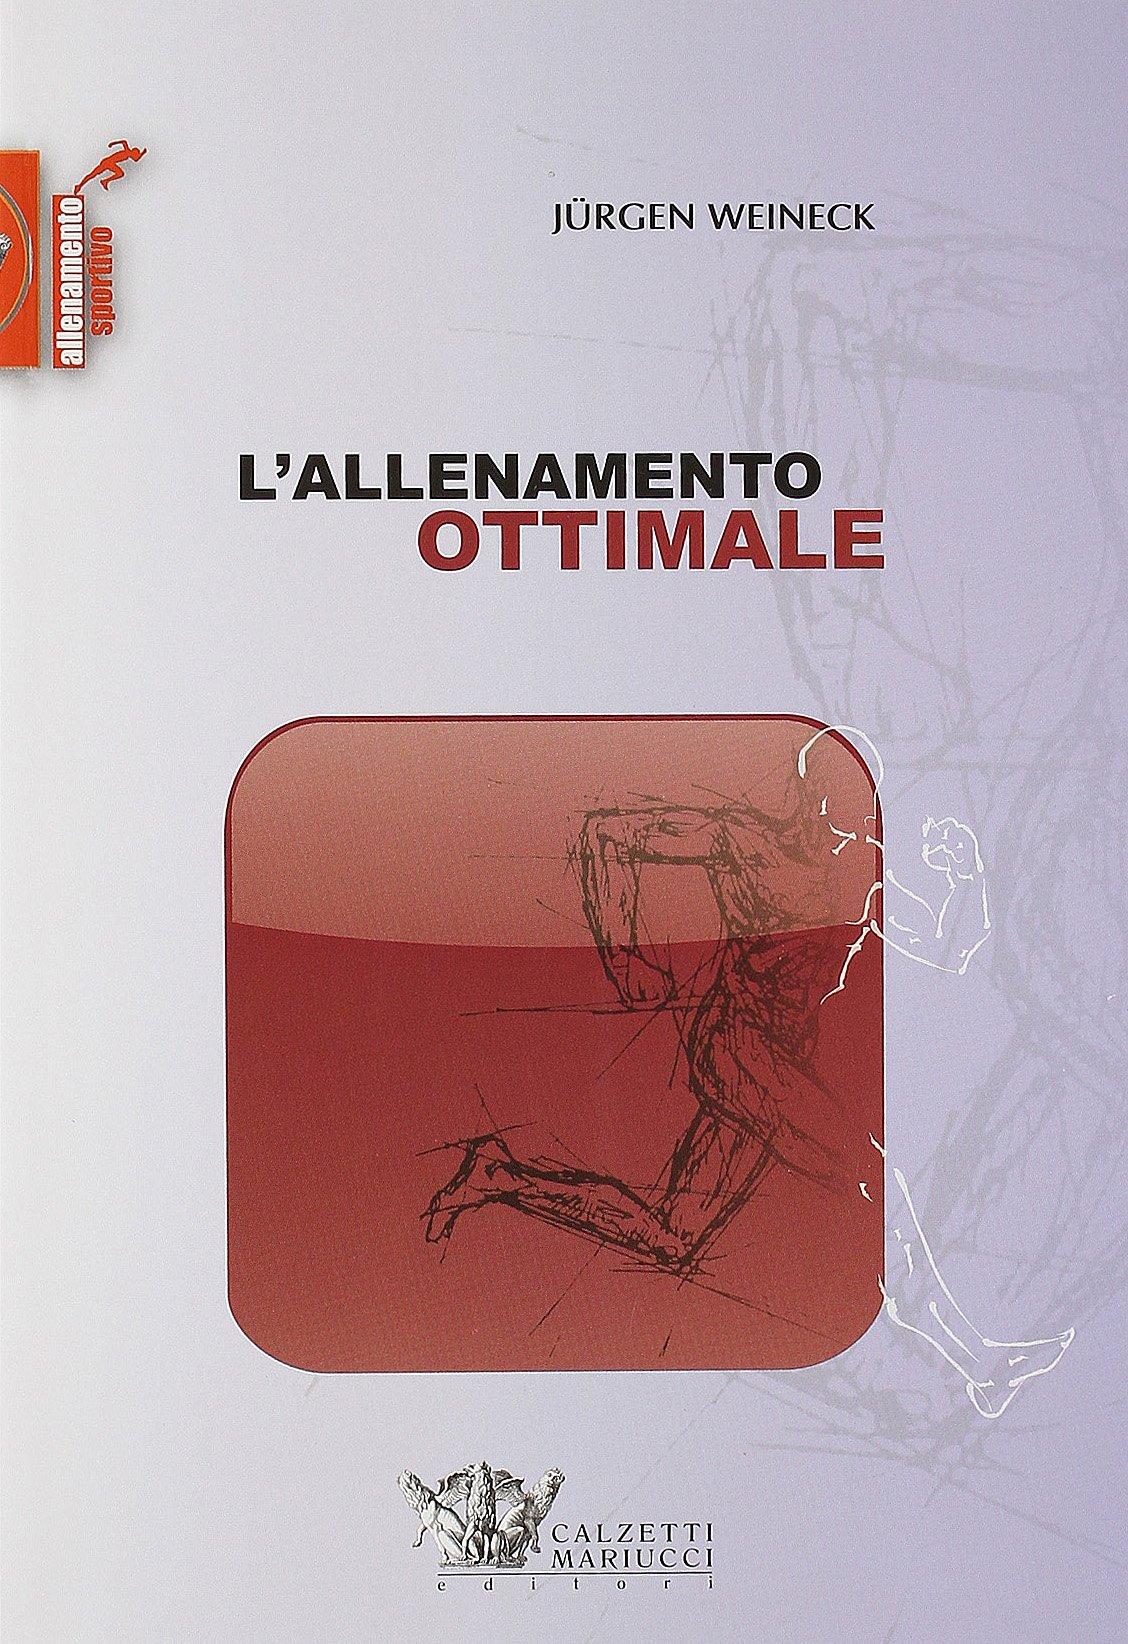 L'allenamento ottimale Copertina flessibile – 1 ago 2009 Jürgen Weineck P. Bellotti M. Gulinelli L' allenamento ottimale